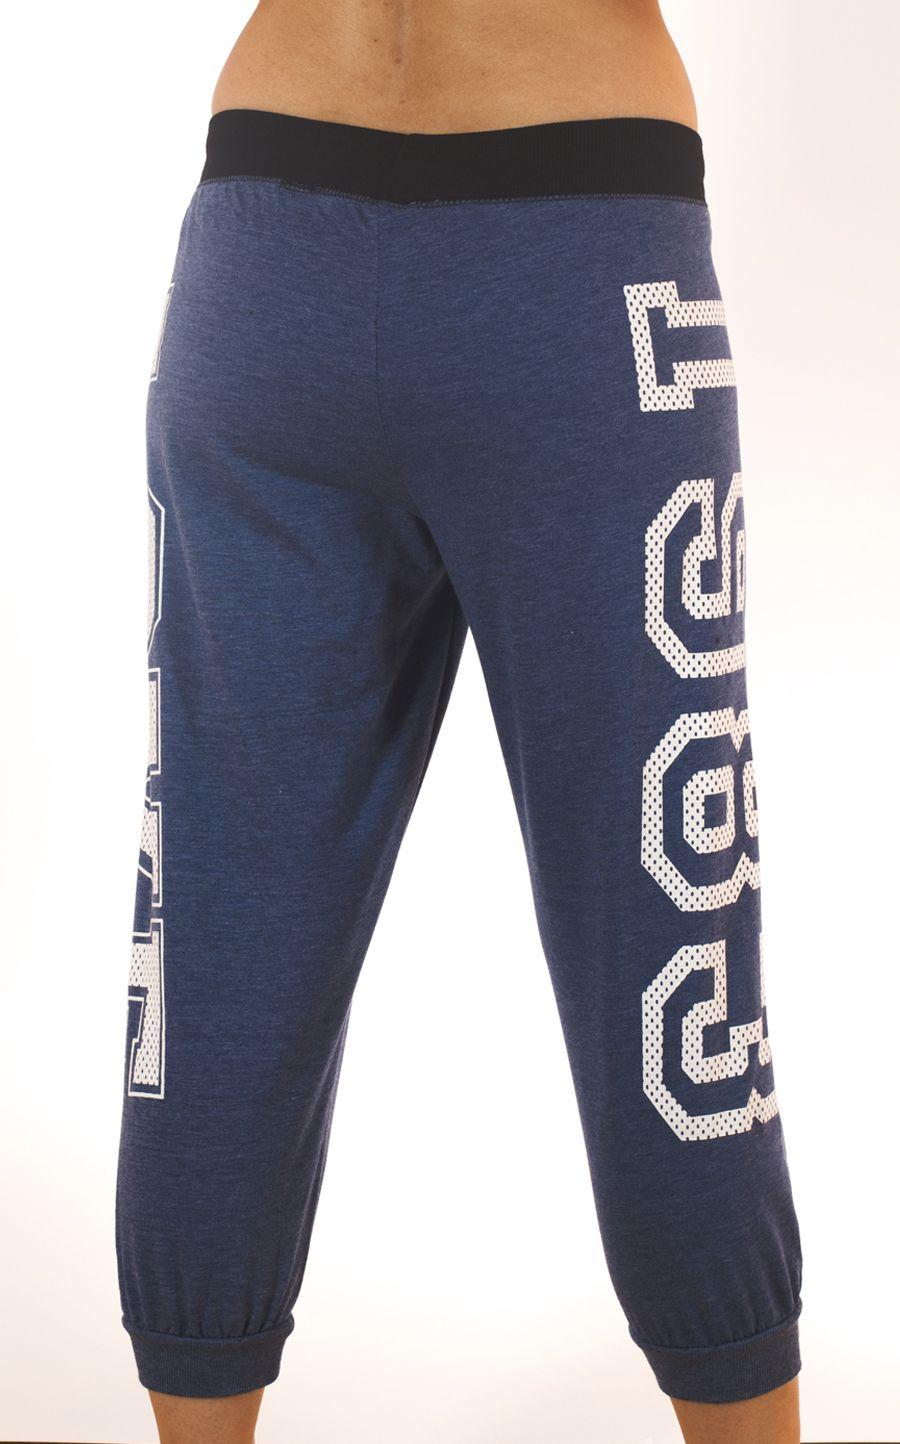 Стильные женские брюки капри Coco Limon для спорта Сoco Limon - вид сзади